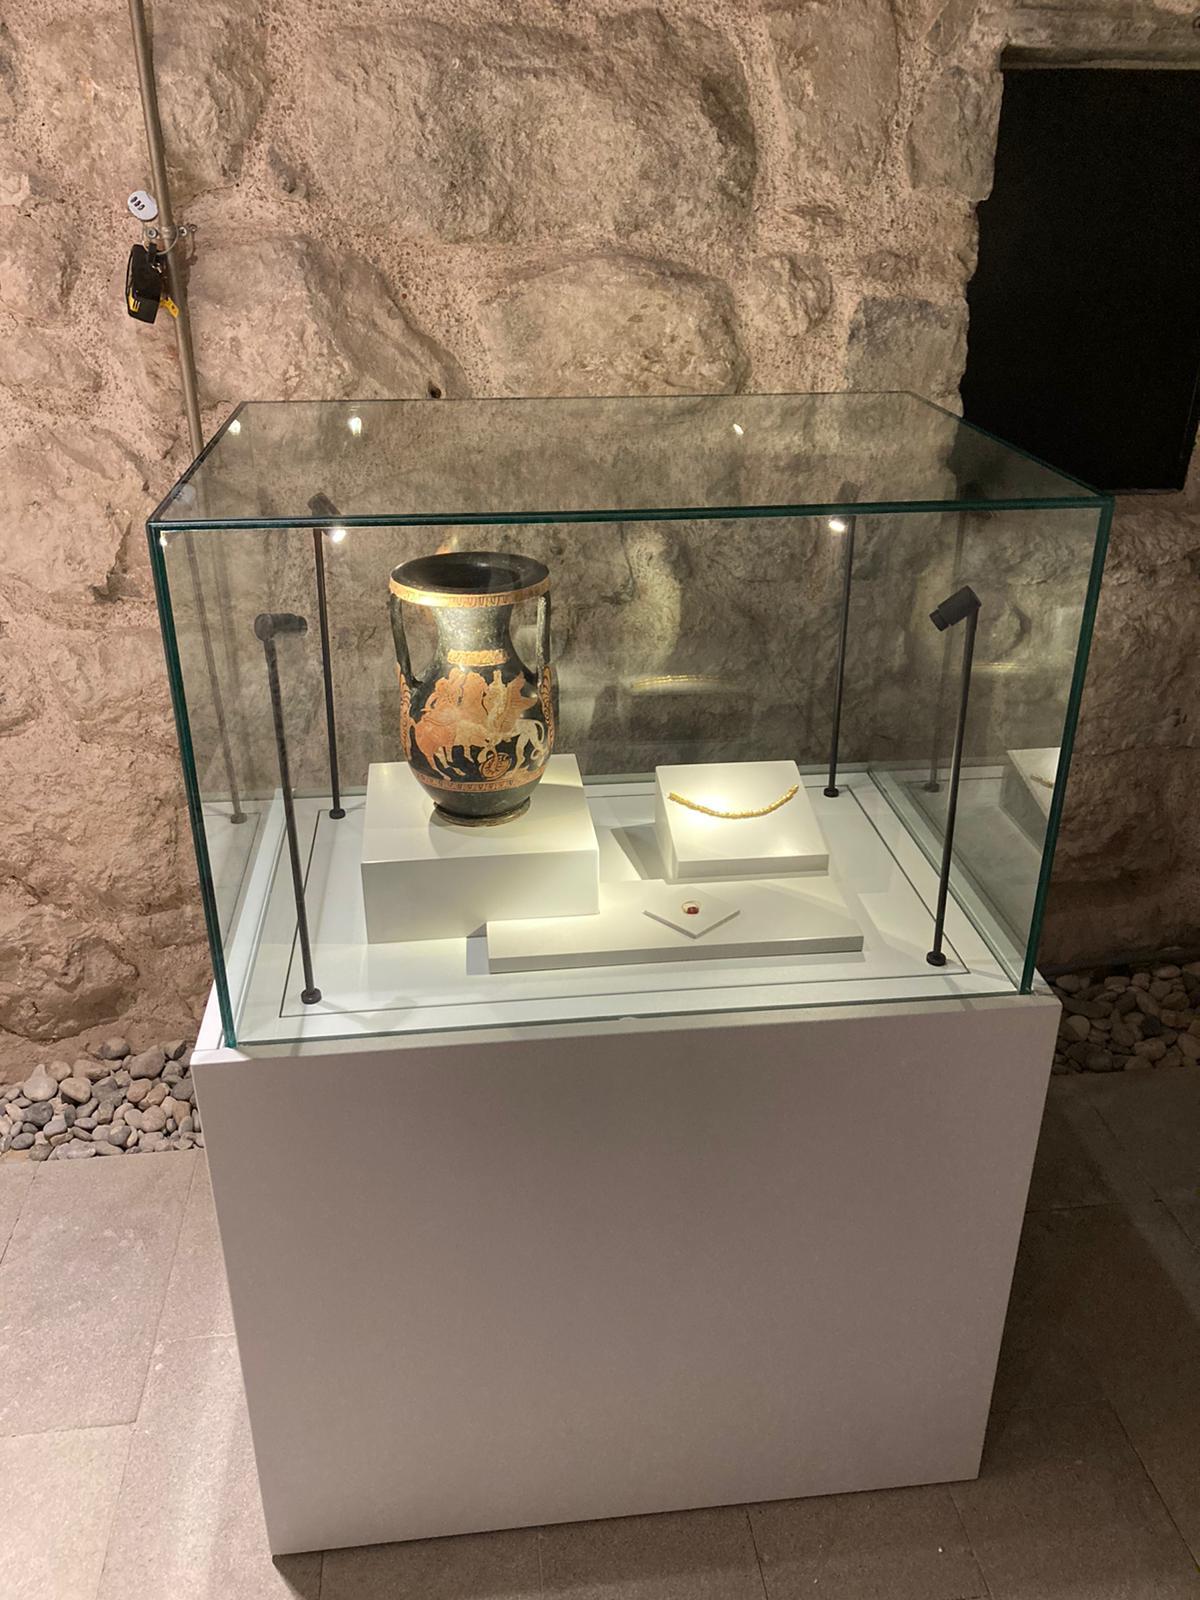 lahitte bulunan eserler Bodrum Kalesi'nde sergilenmeye başlandı